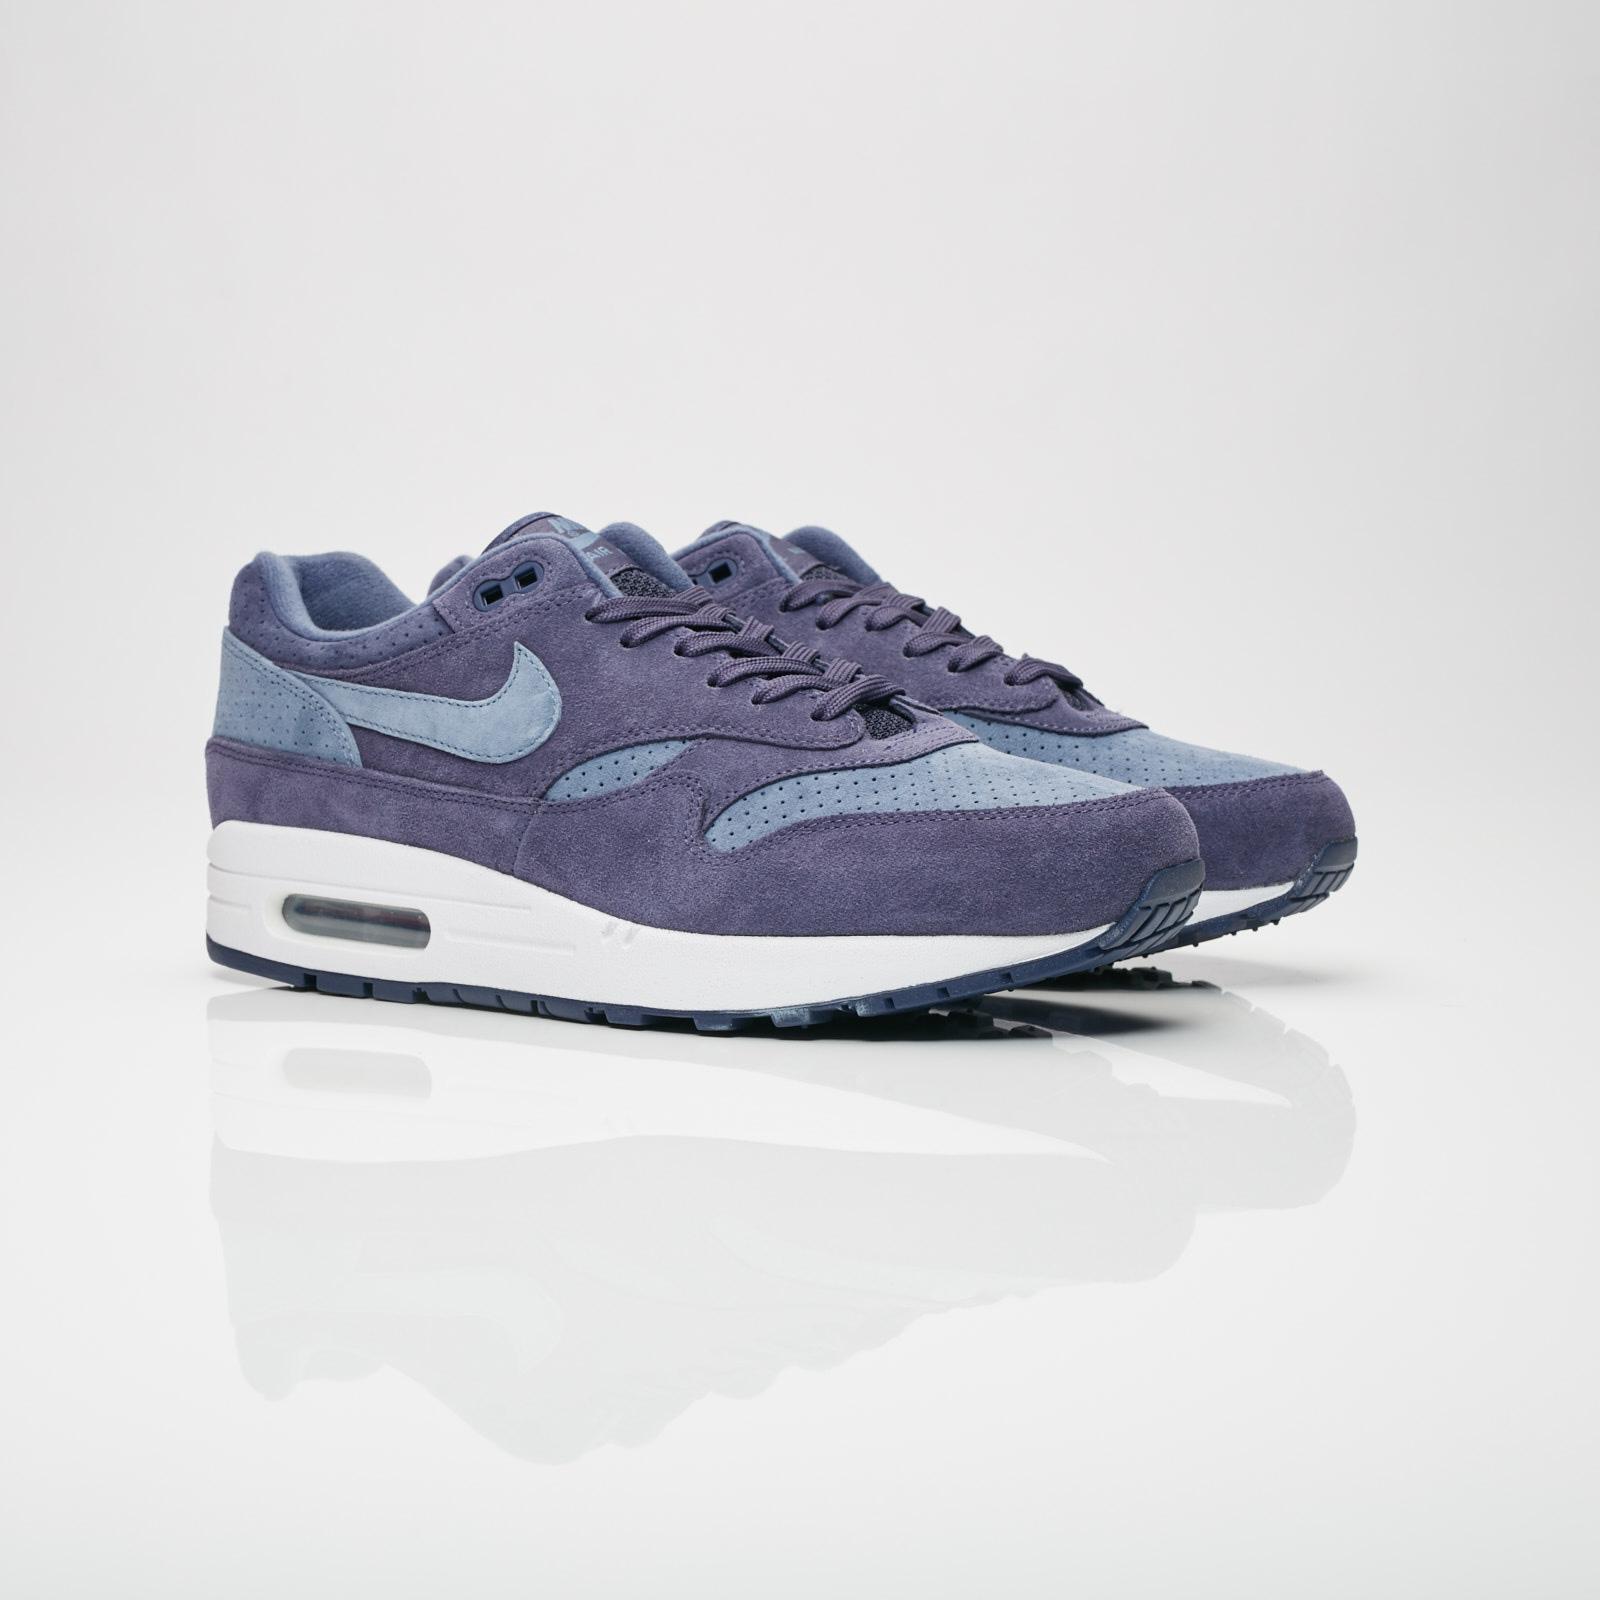 Nike Air Max 1 Premium 875844 501 Sneakersnstuff